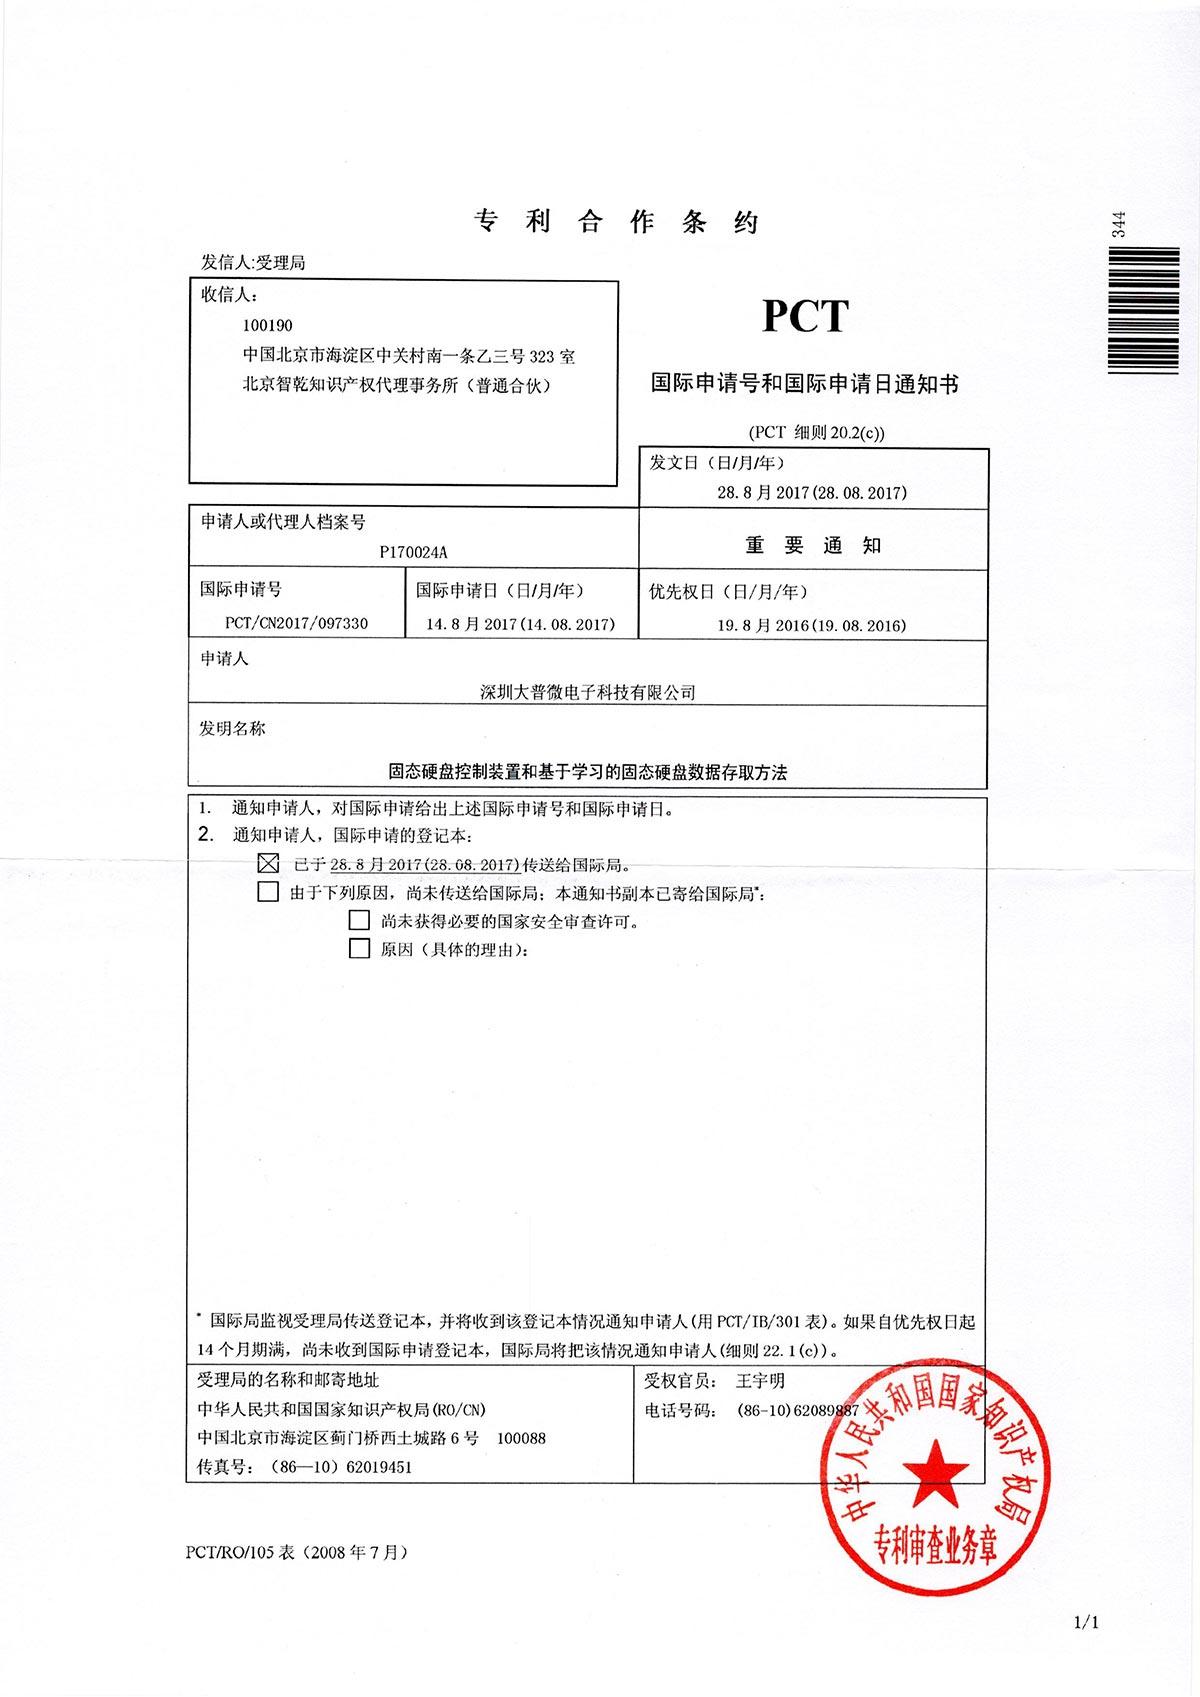 DPCT1-17003 105表 国际申请号和国际申请日通知书